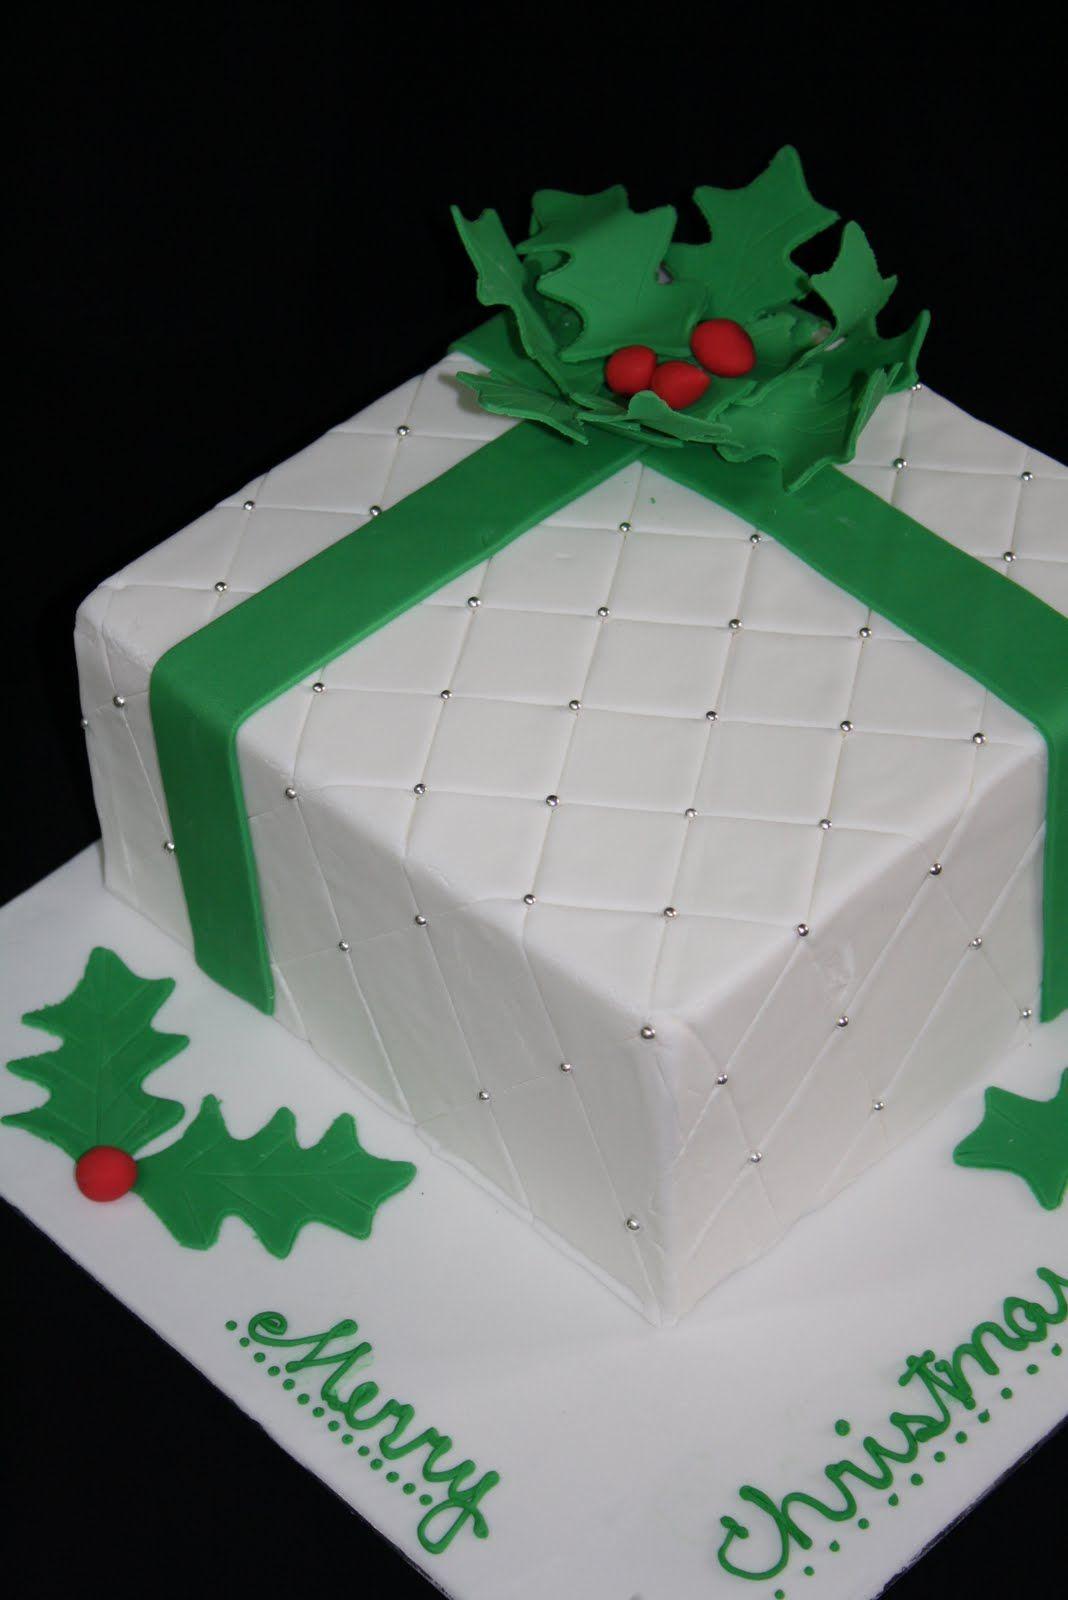 40+ лучших изображений доски «Торт на тему зима» в 2020 г | торт, зимние торты, рождественские торты